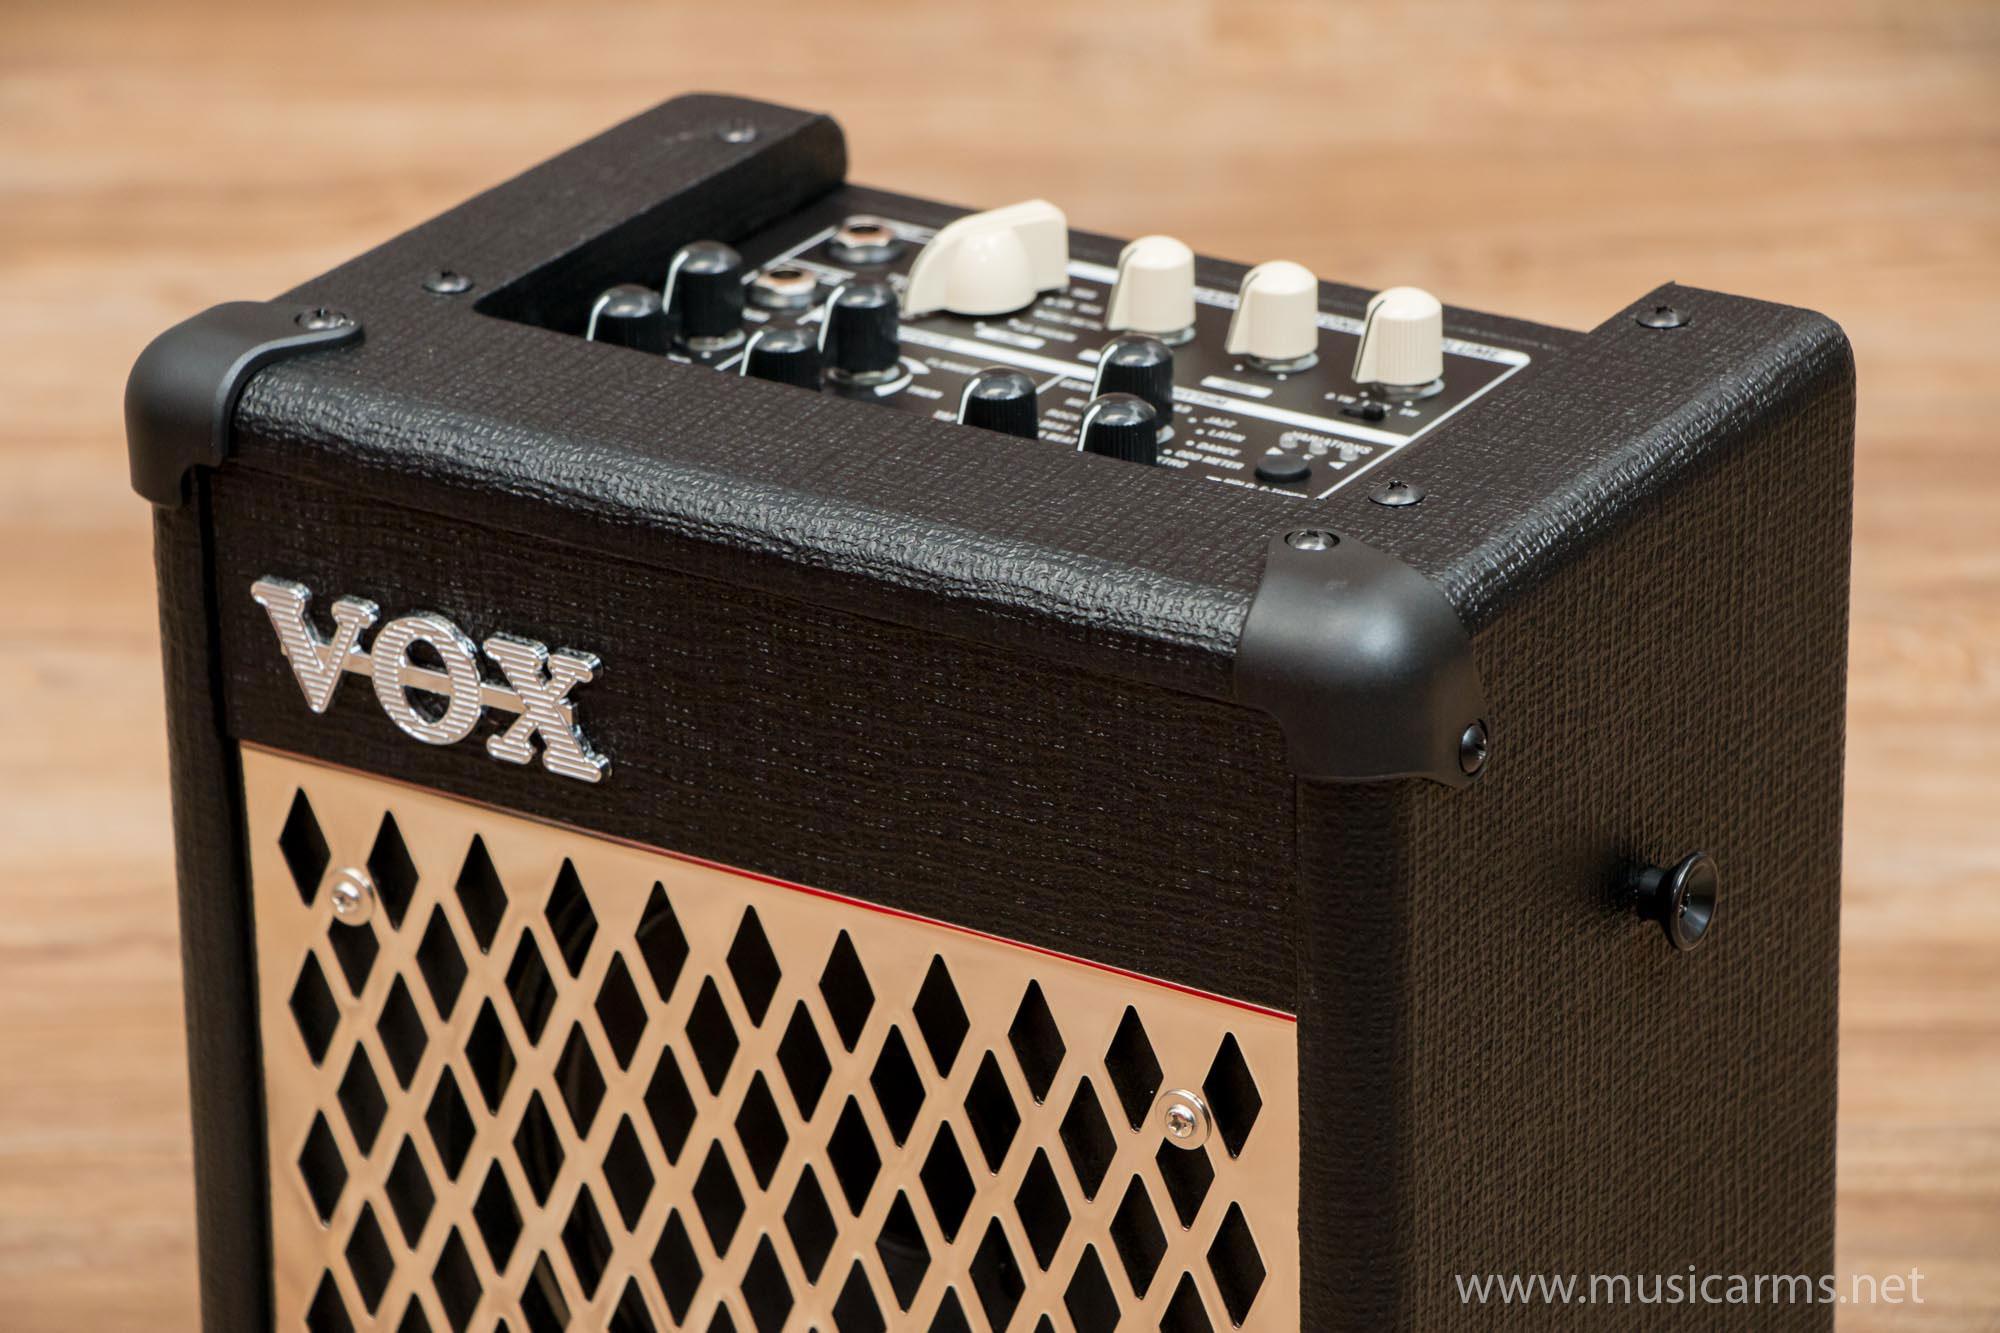 VOX Mini 5 Rhythm Guitar Amp